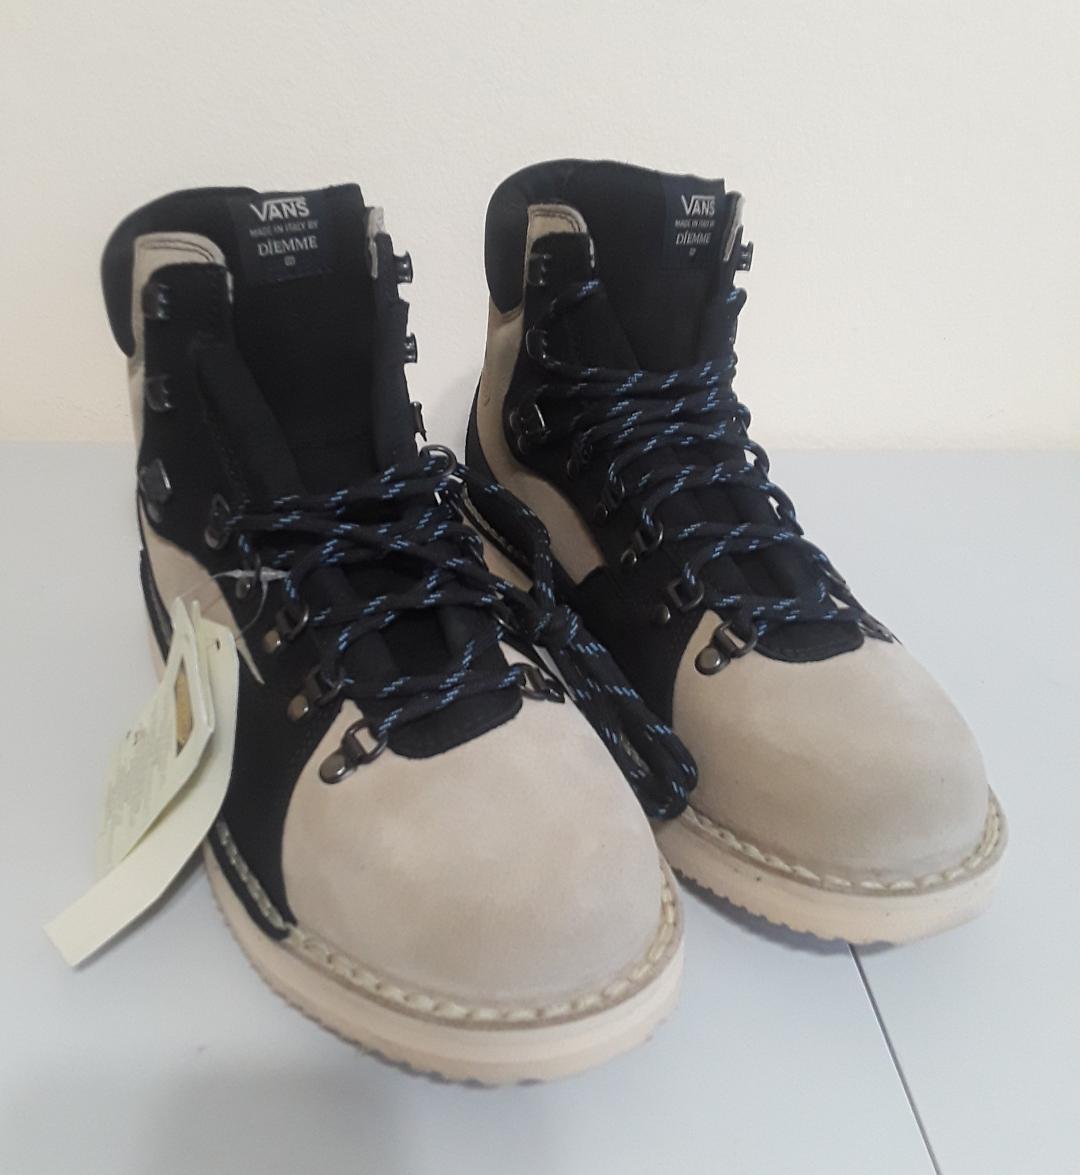 VANS X Diemme Montebelluna Hiker LX Vault Buffalo Boot Size 9.5 Made in